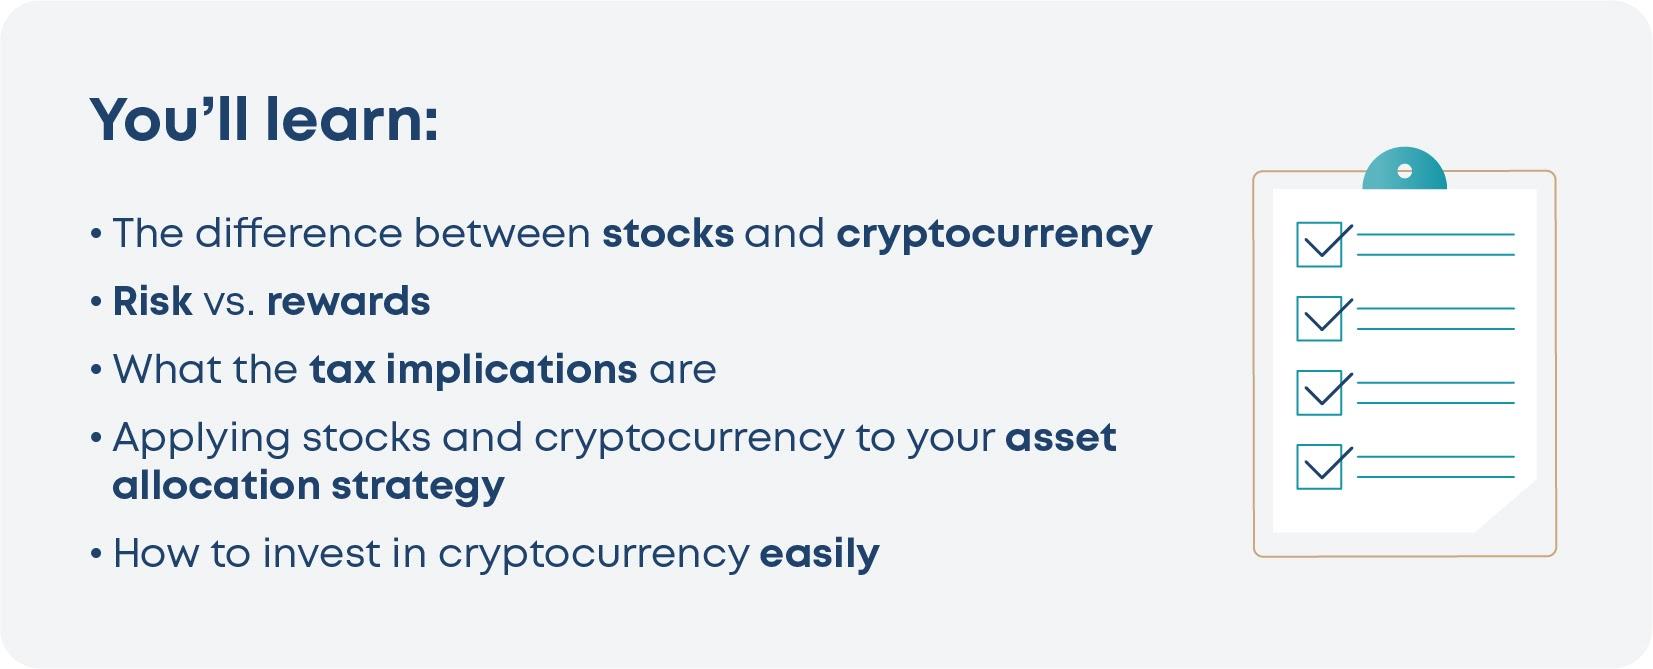 Key points for stocks vs crypto